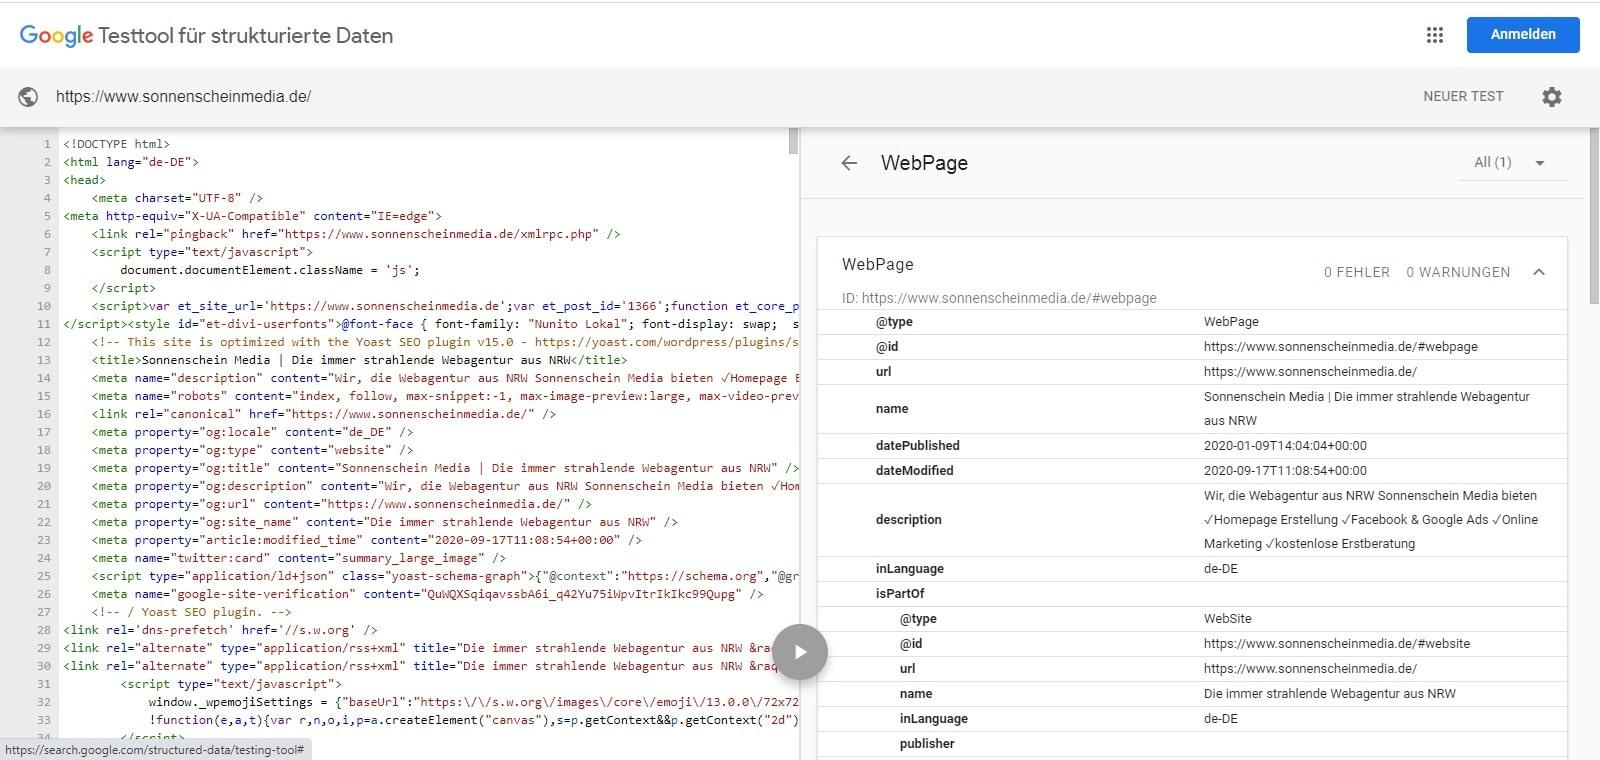 Screenshot Beispiel für Google Testtool für strukturierte Daten